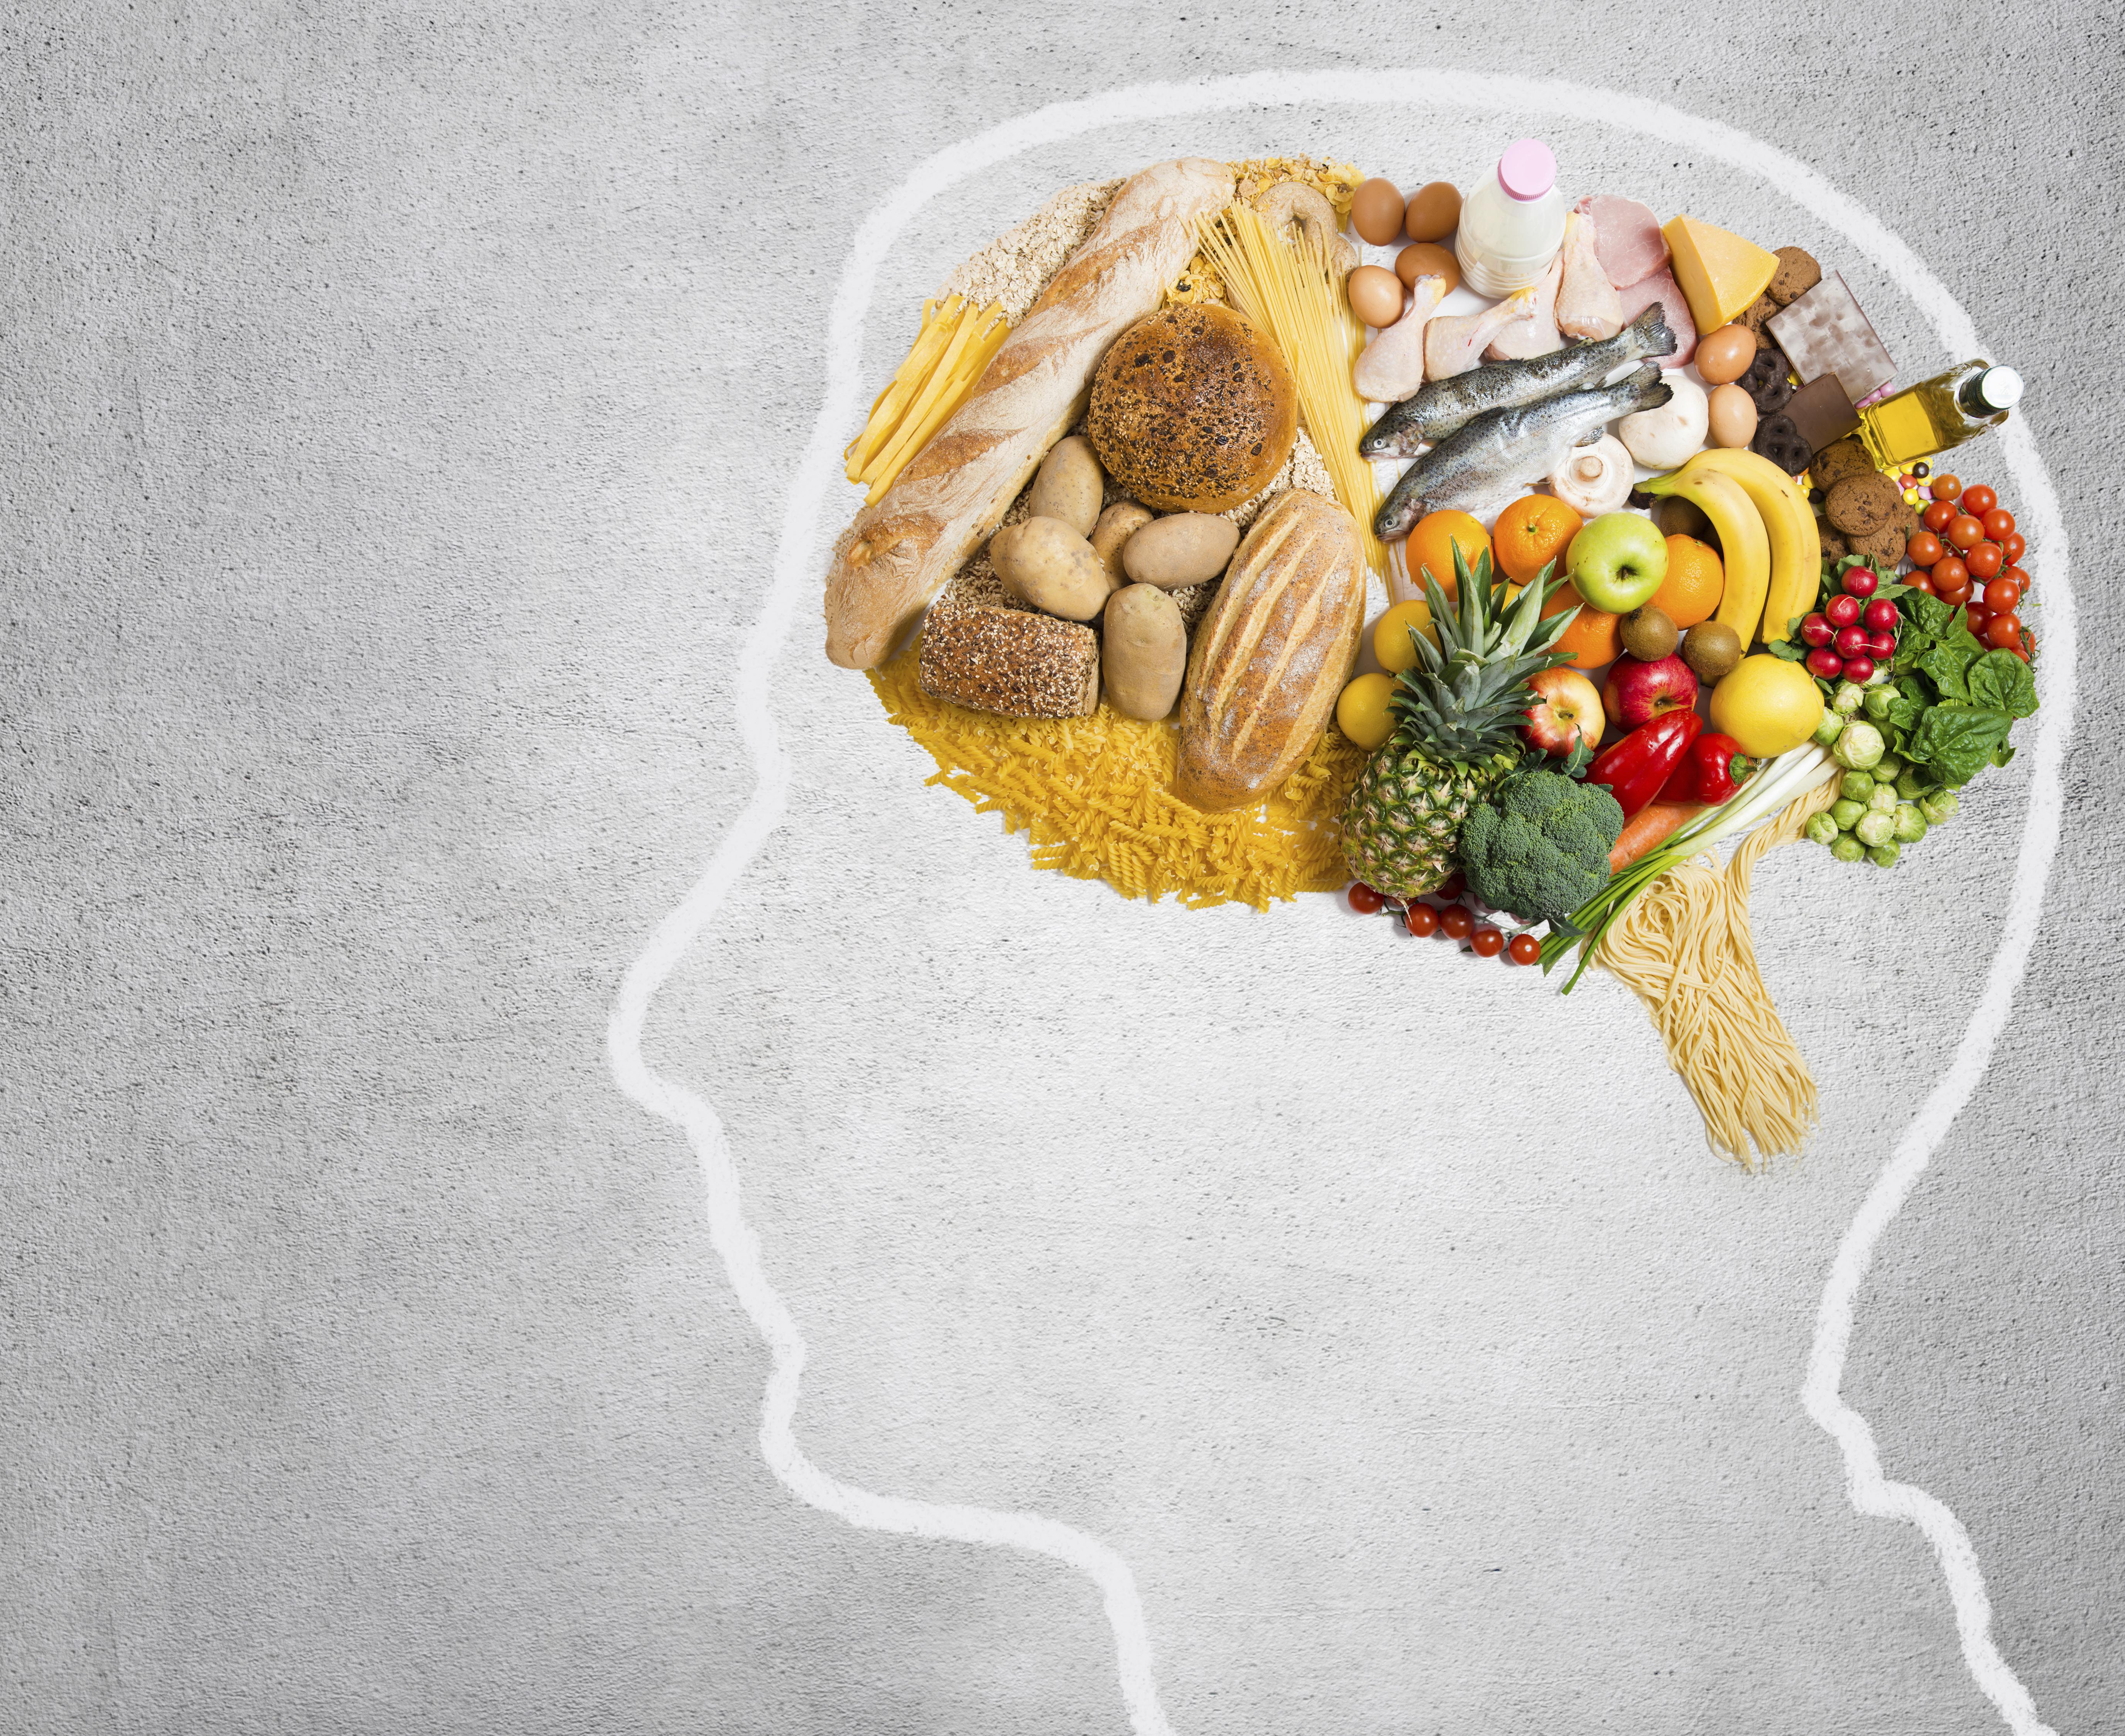 https://lafitness.files.wordpress.com/2014/04/food-cravings-and-your-brain.jpg